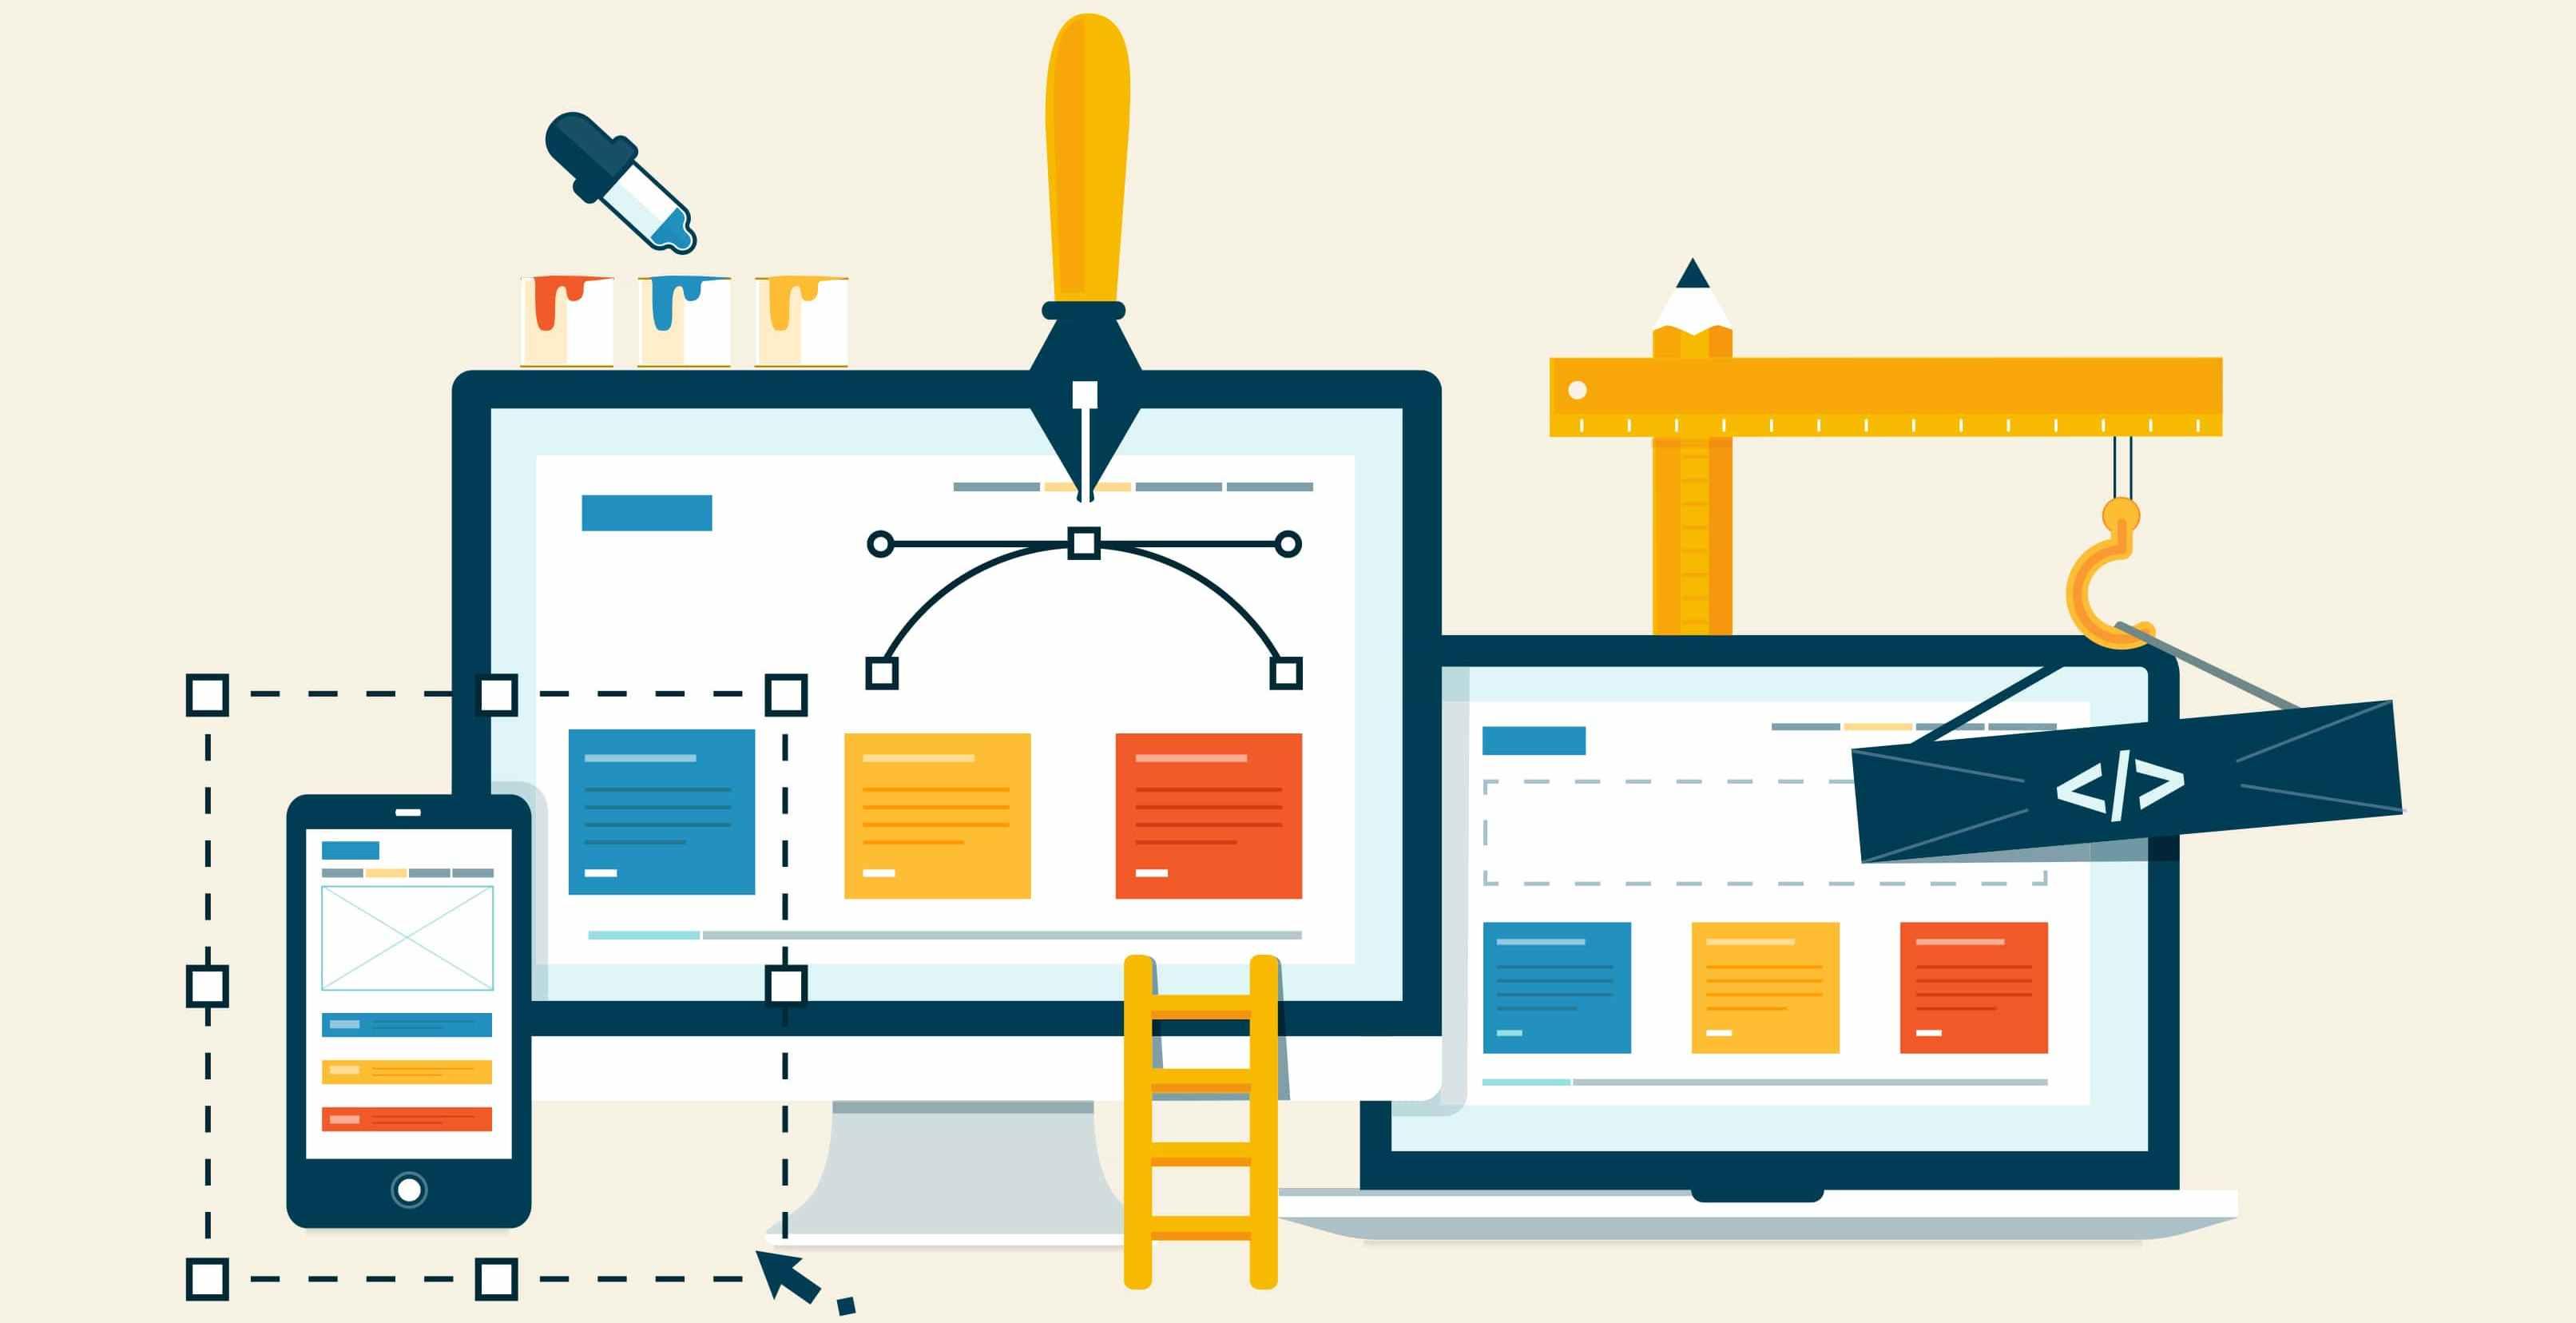 Thiết kế website hiệu quả tăng doanh thu doanh nghiệp